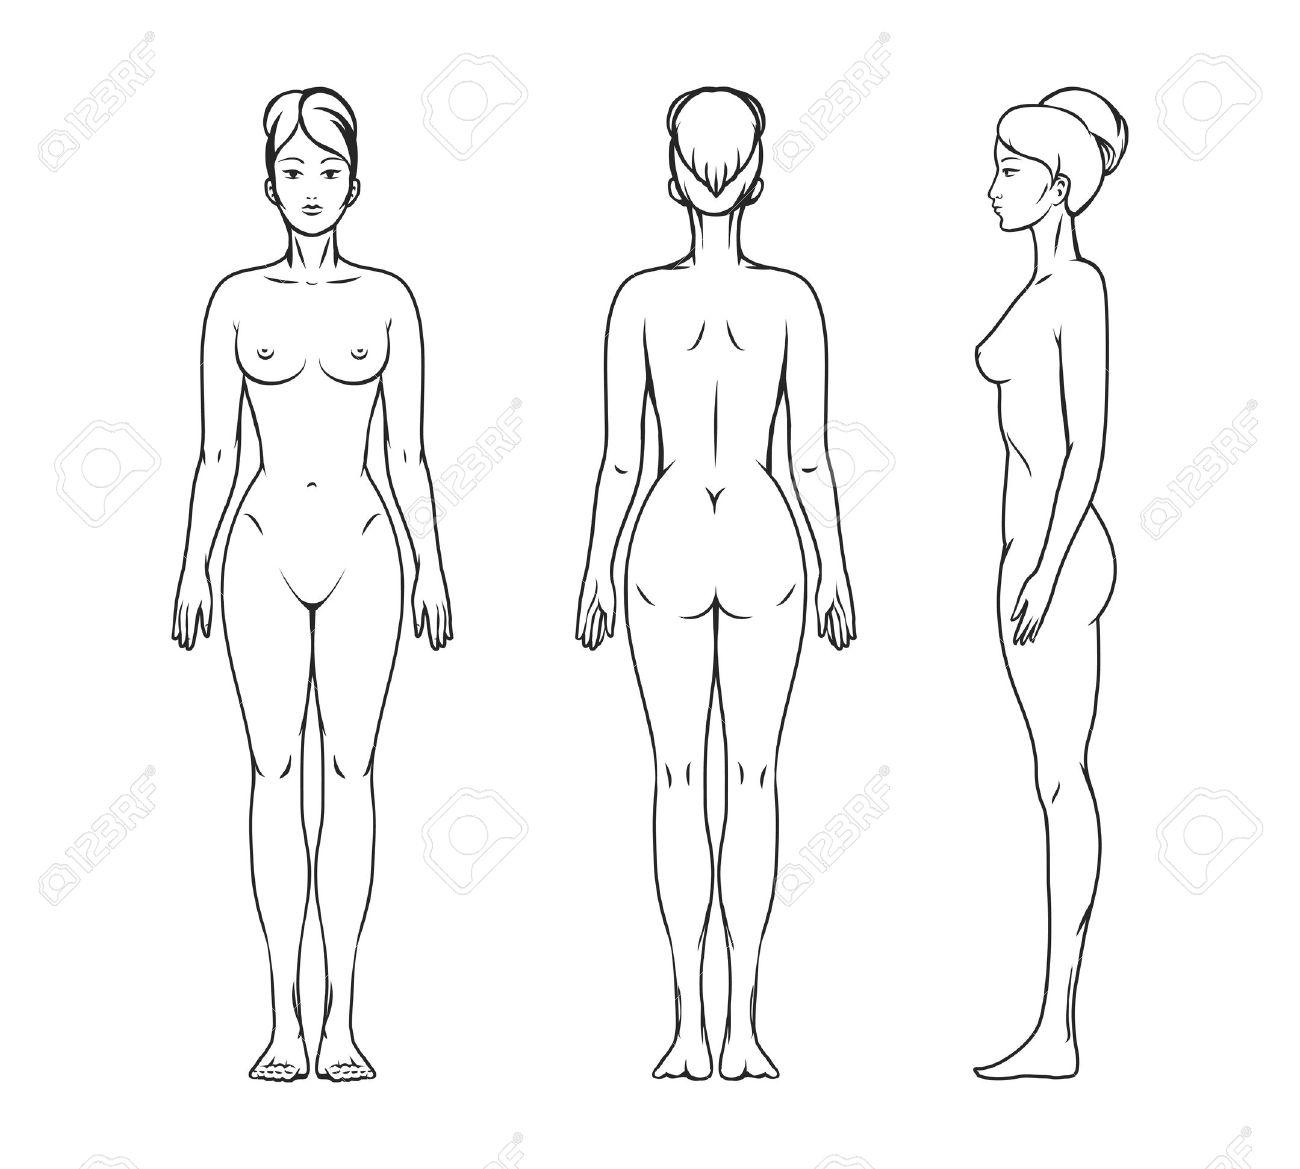 Juegos de Ciencias | Juego de Partes del cuerpo femenino | Cerebriti